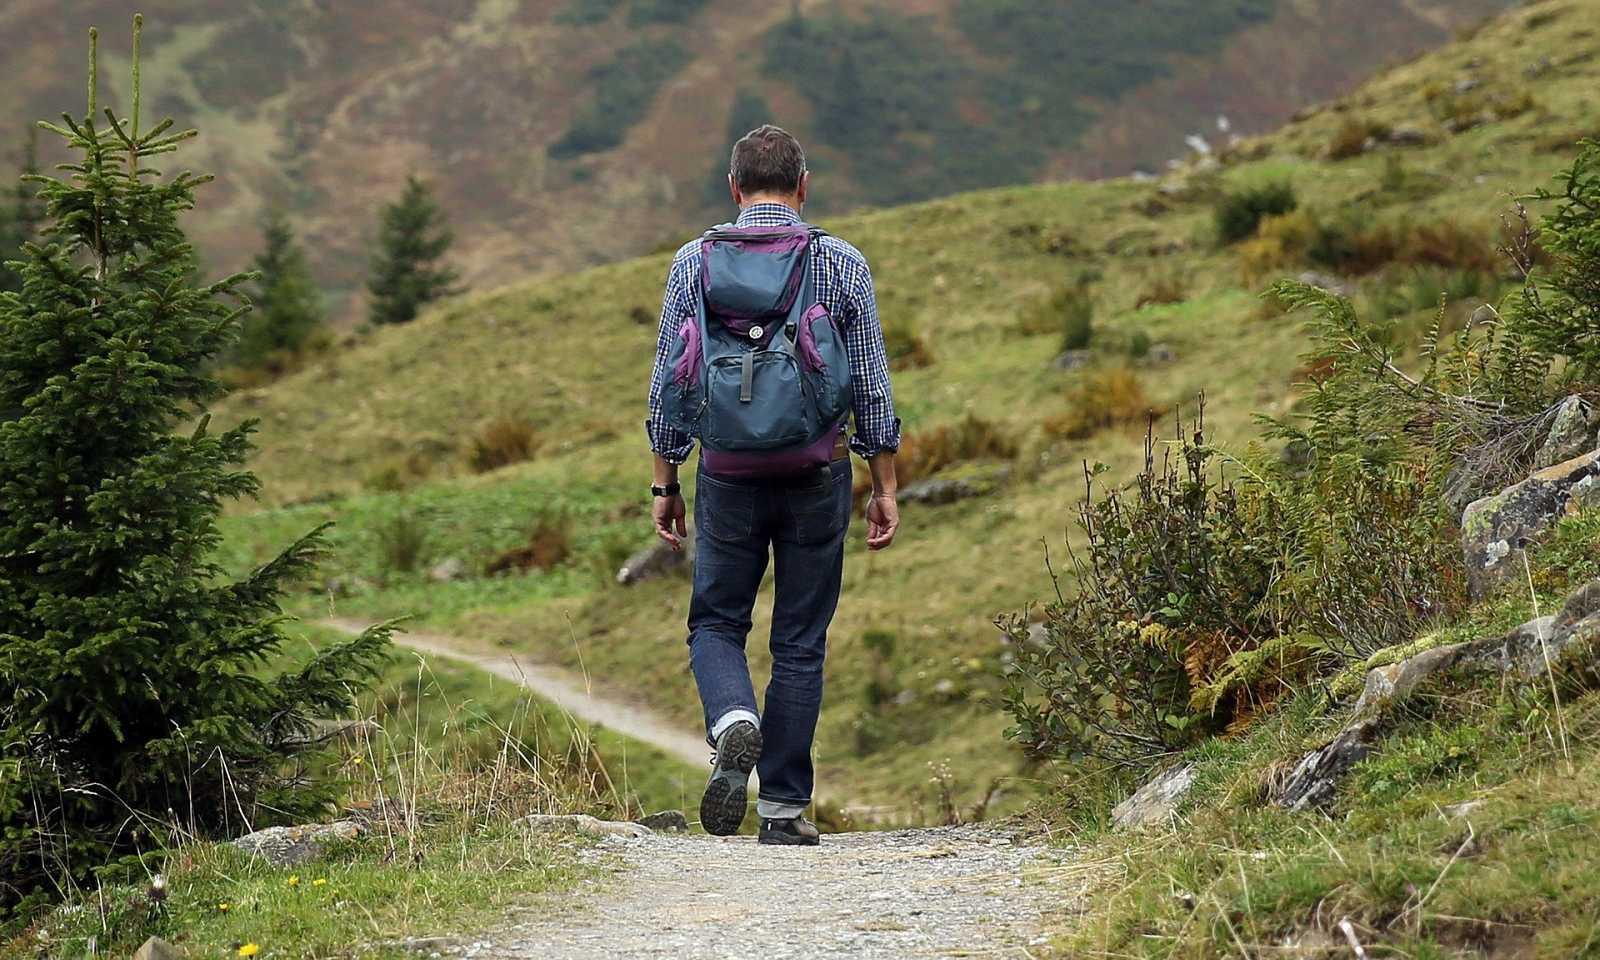 A su salud - ¿Caminata o carrera? - 03/02/21 - Escuchar ahora